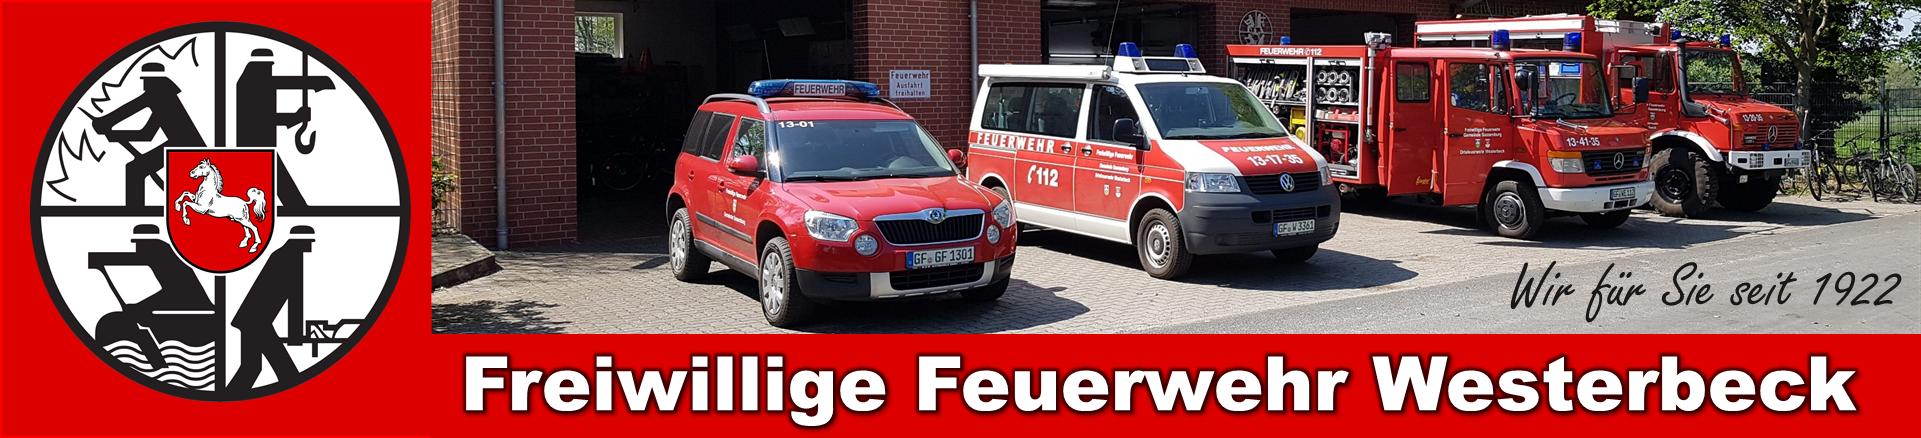 Freiwillige Feuerwehr Westerbeck – Wir für Sie seit 1922